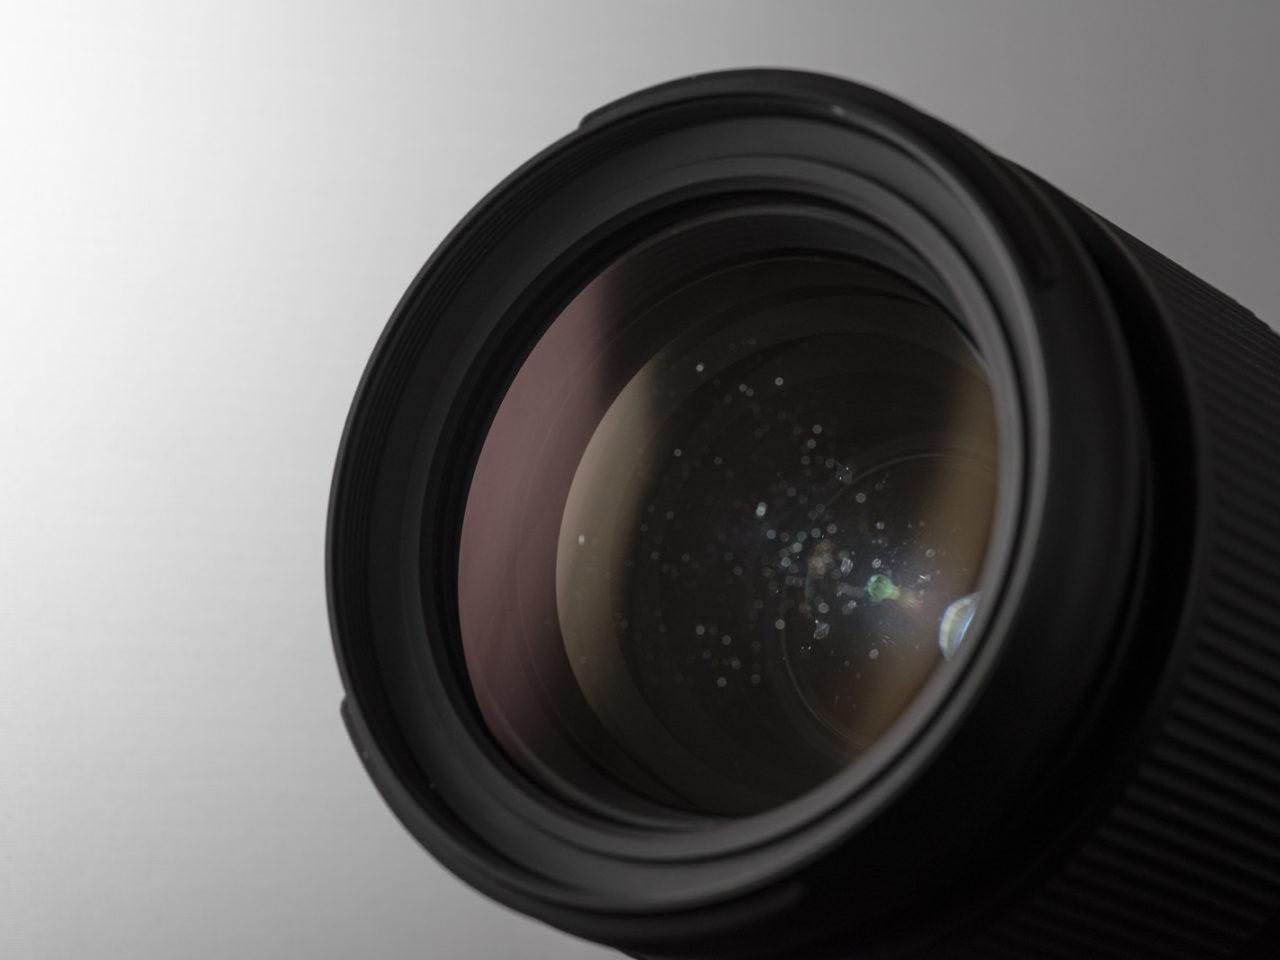 iPhoneのカメラでLive Photosにした場合の容量消費はどれくらい?のサムネイル画像